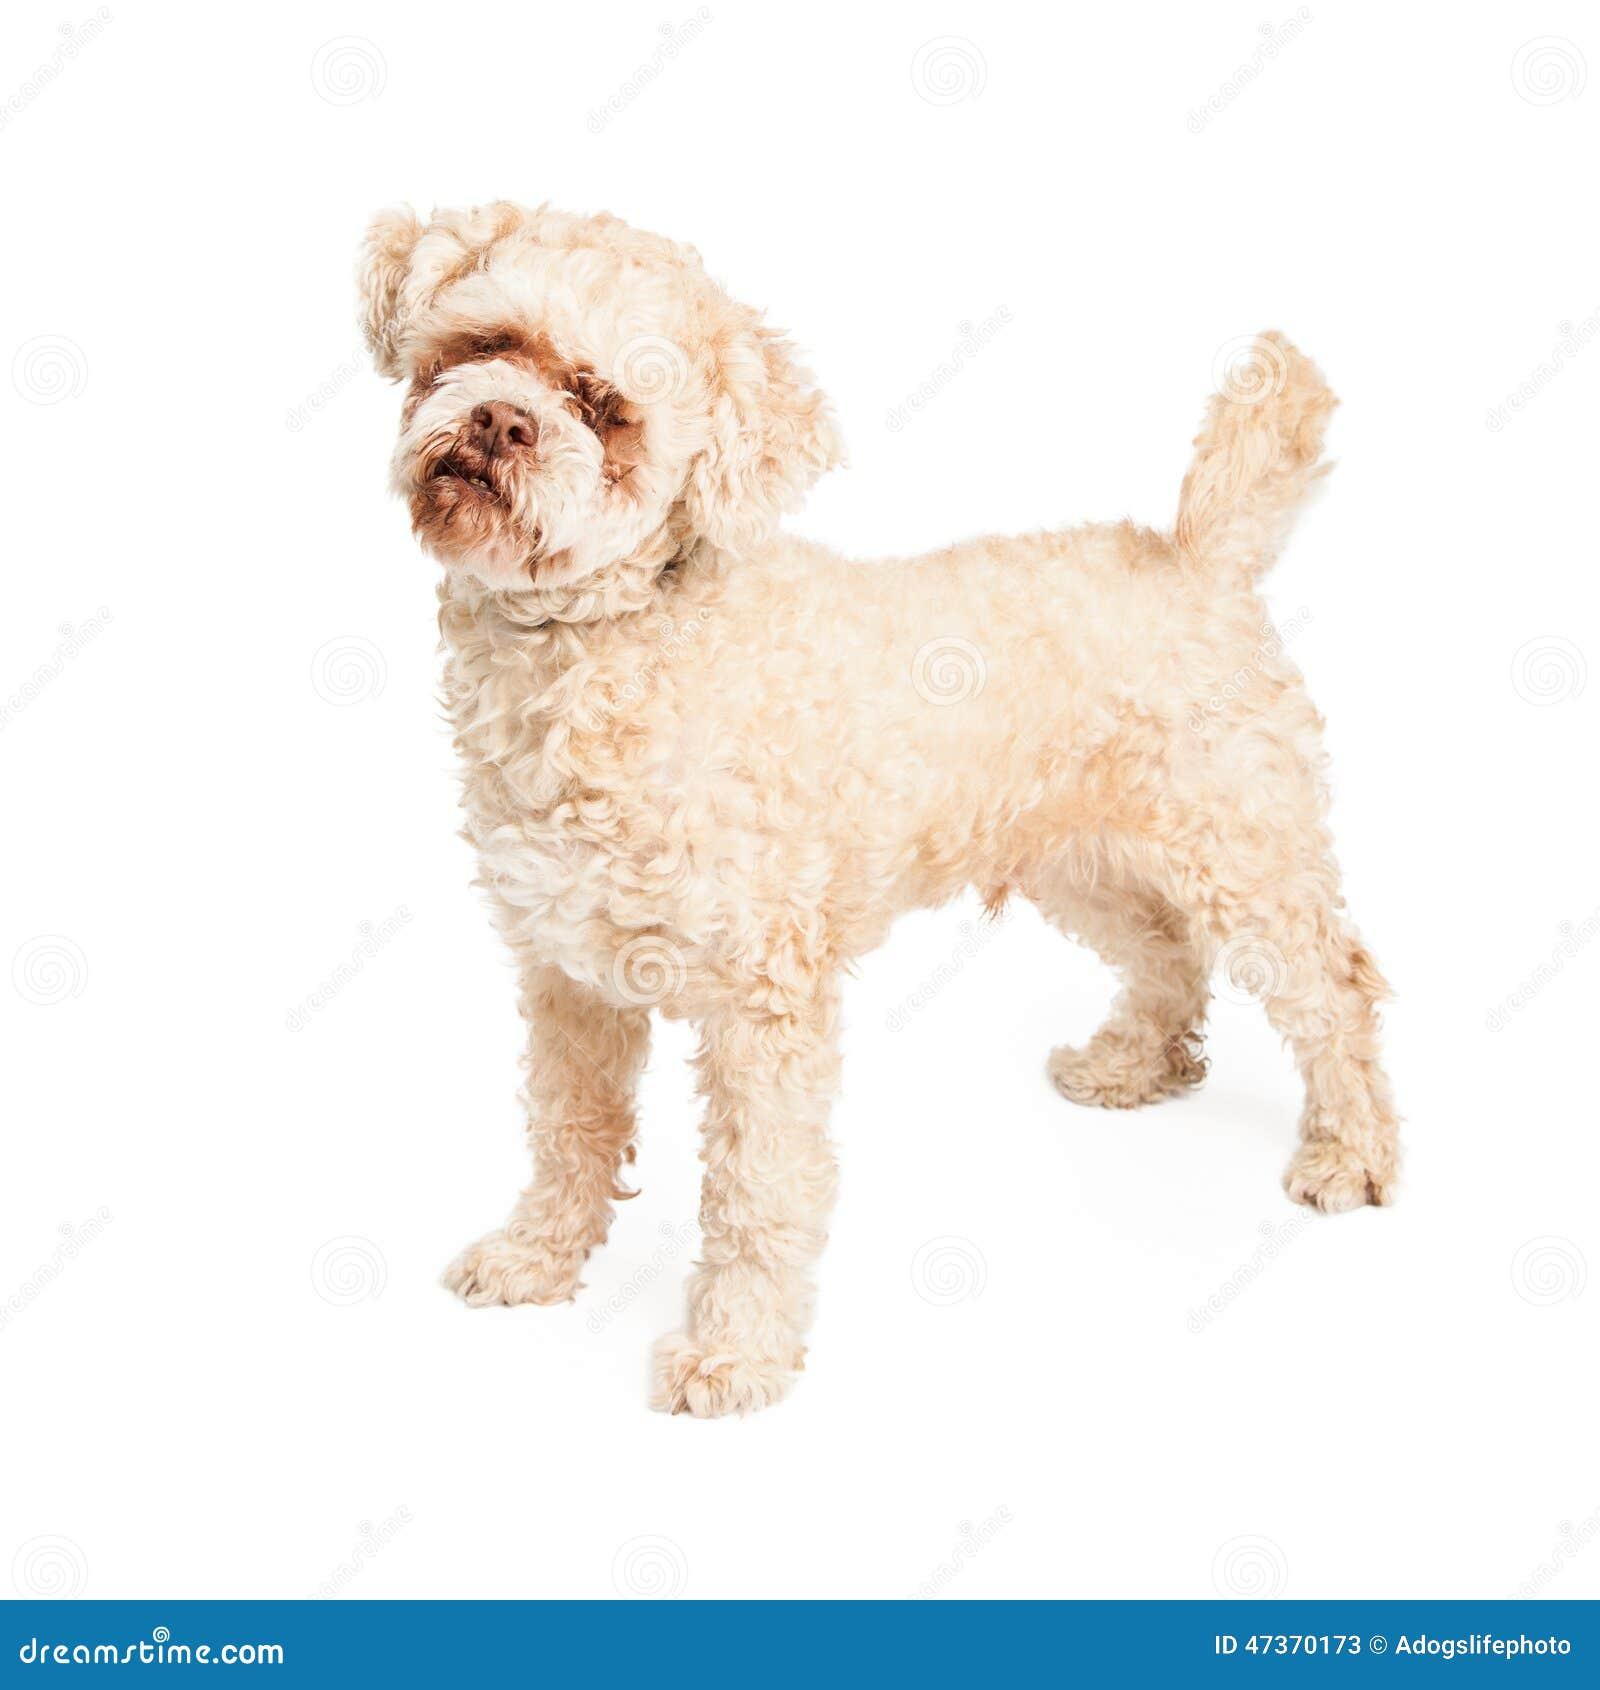 Senior Poodle Dog Standing